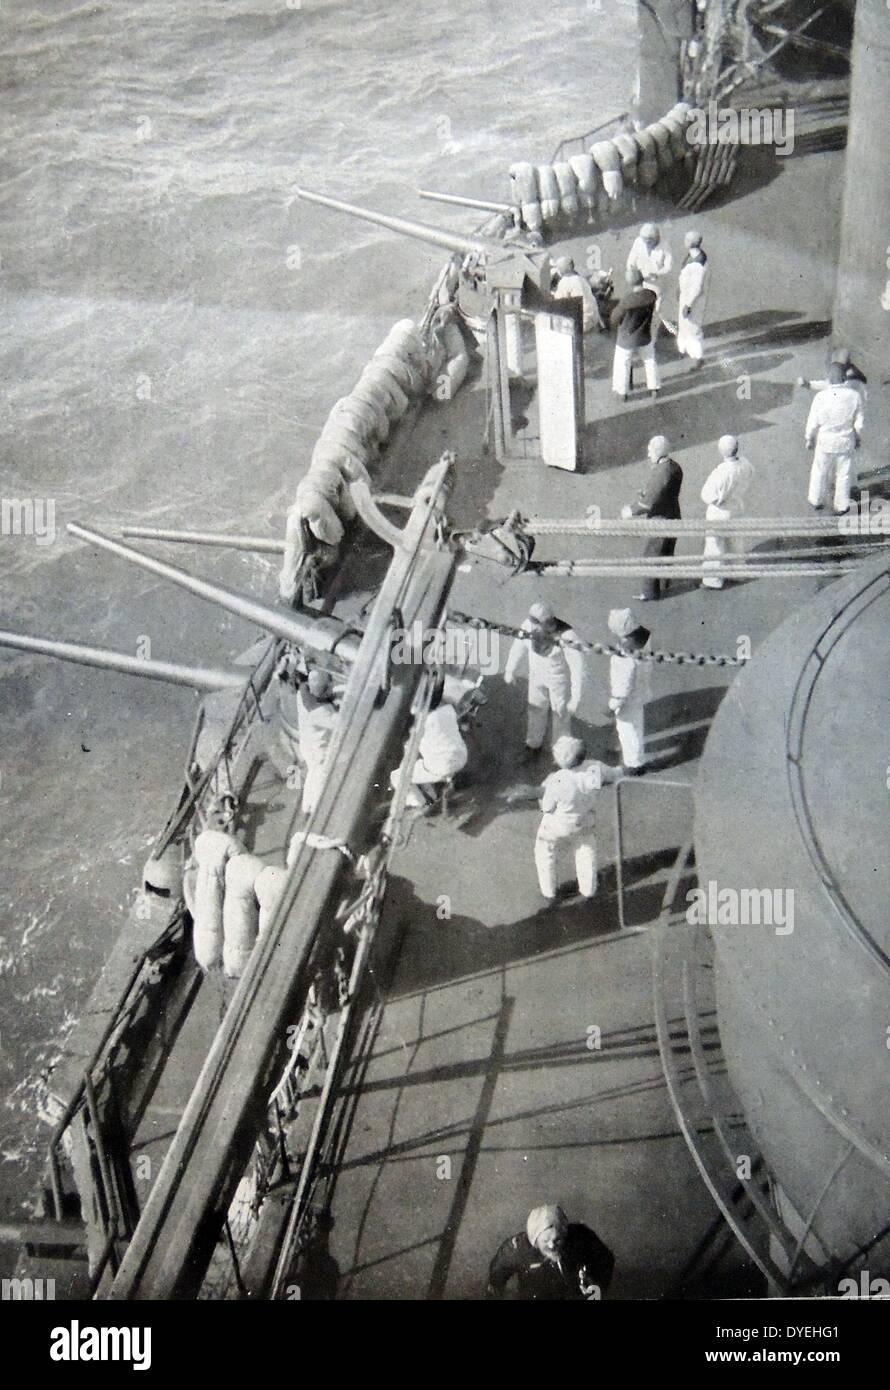 Besatzung von einem französischen Schlachtschiff in der Nähe von Gallipoli Stockbild